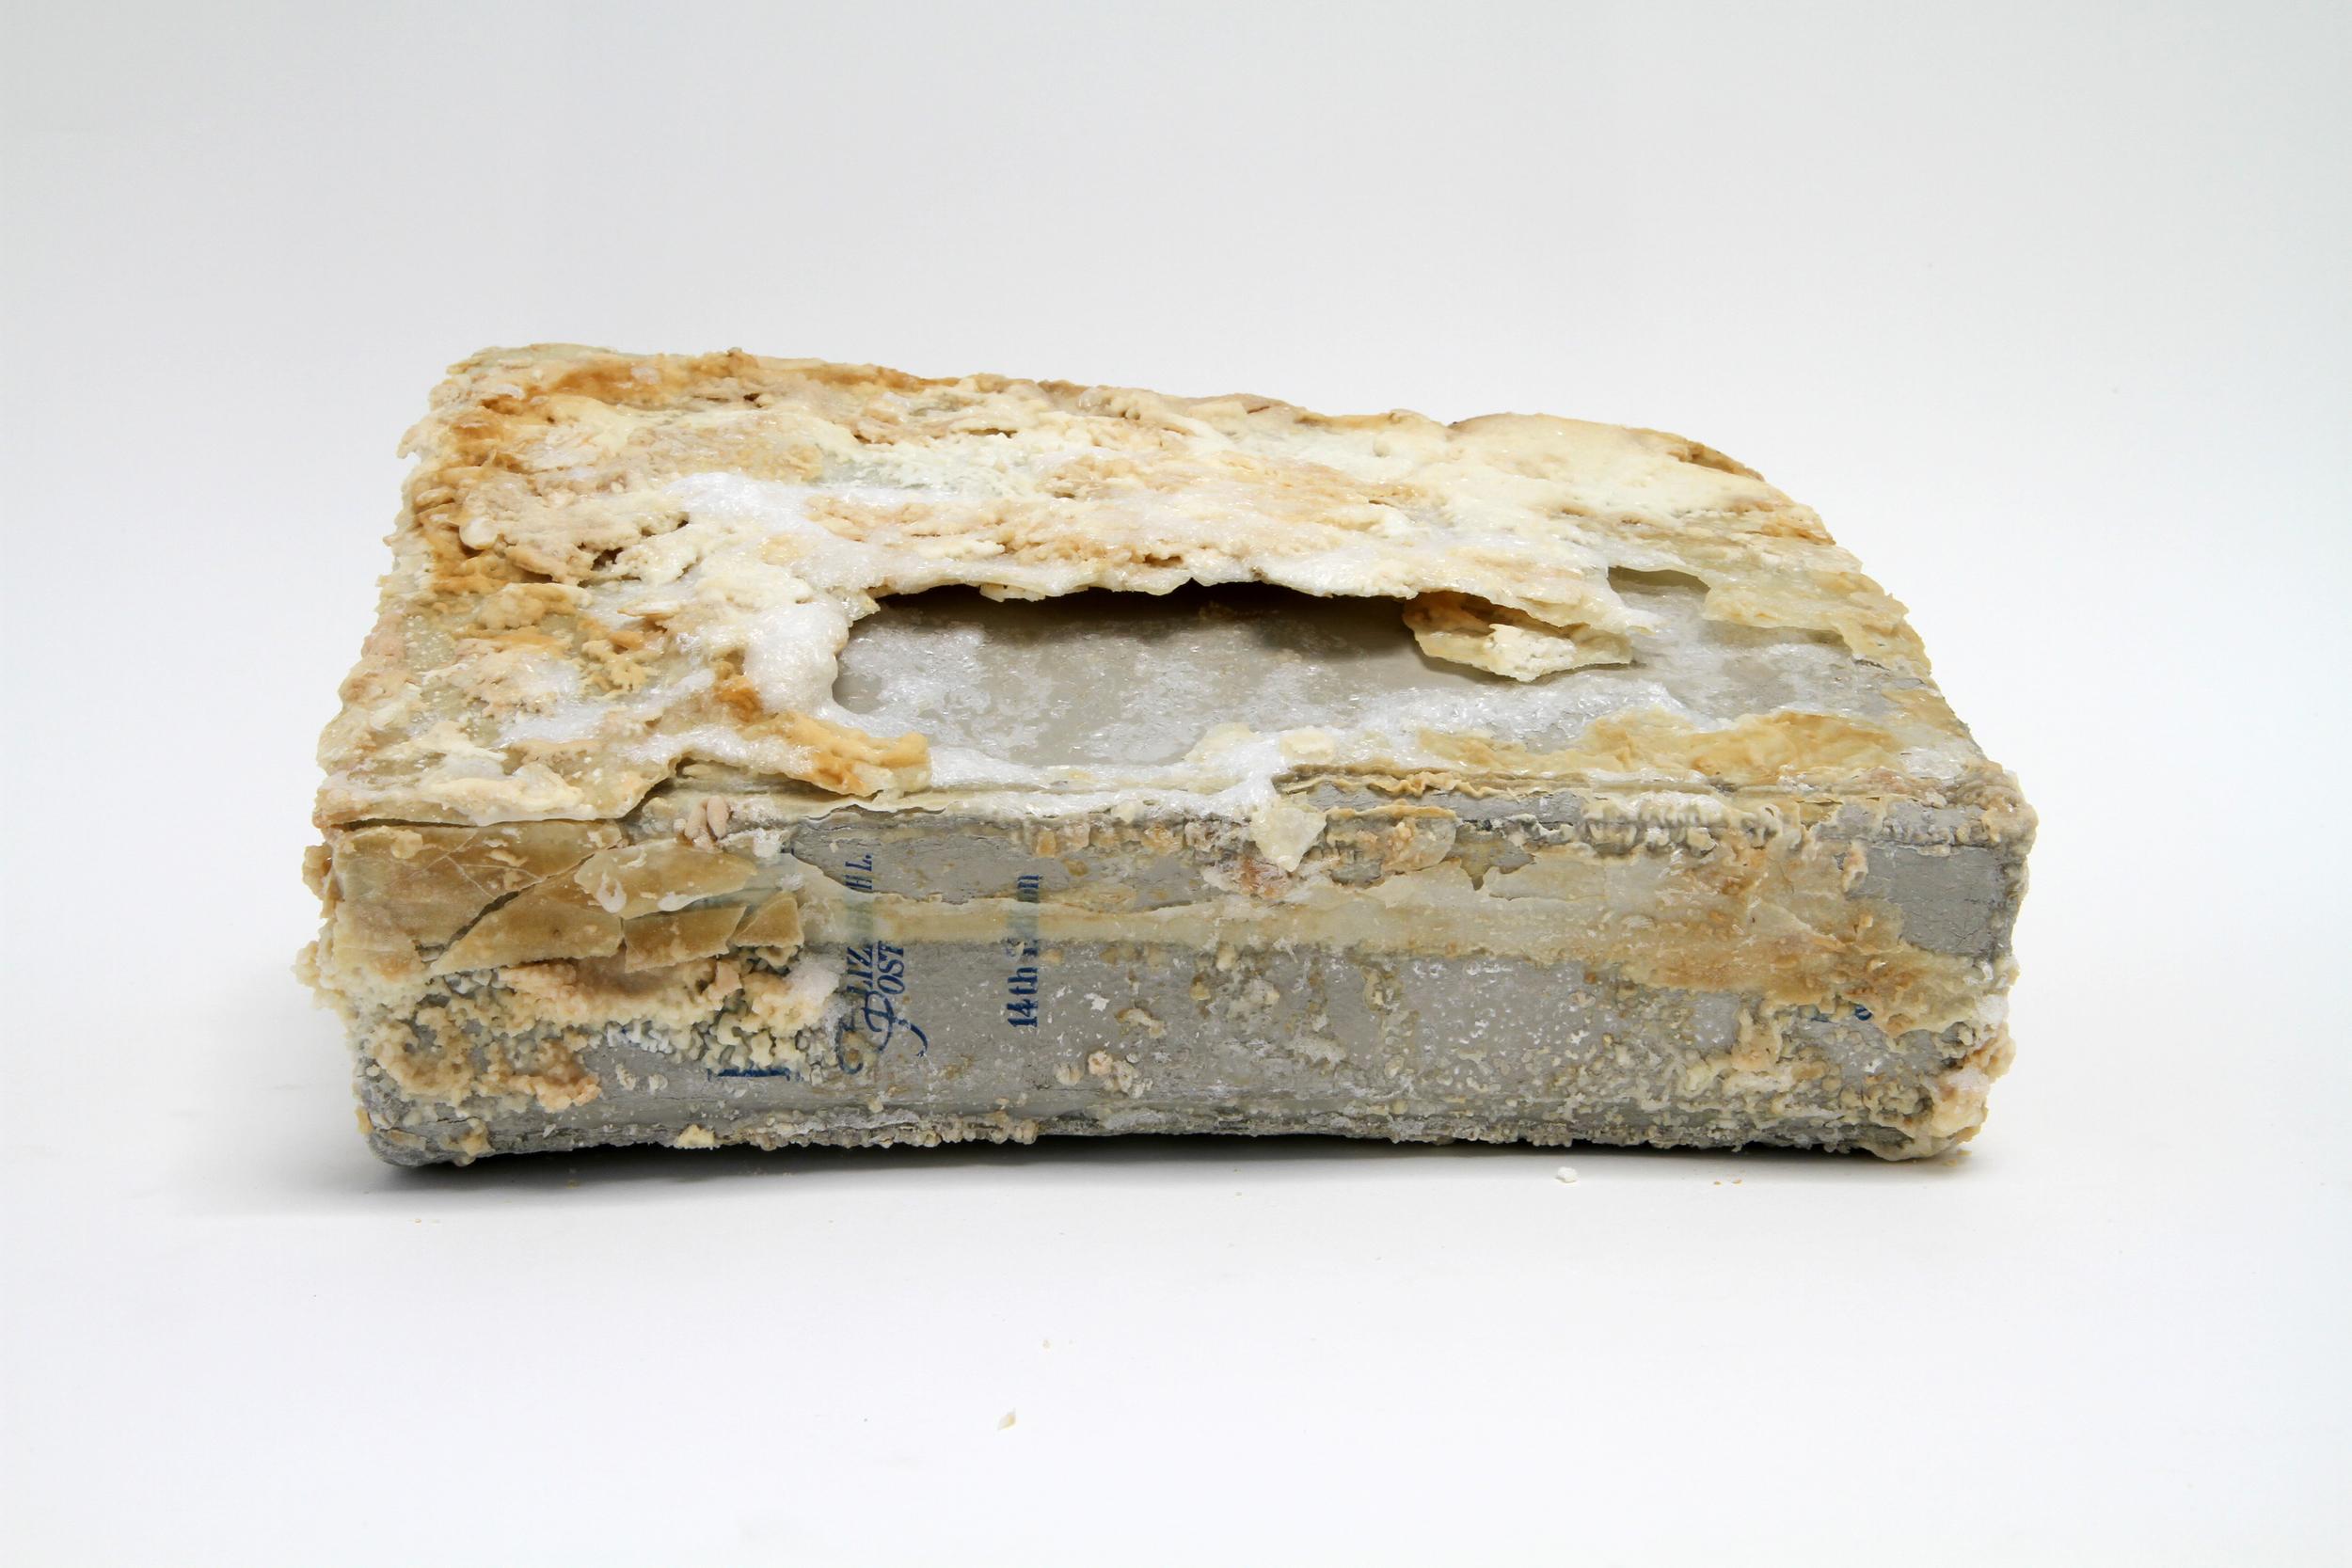 Relic (Emily Post's Etiquette, Elizabeth L. Post)  2012 Found book, monosodium glutamate (MSG), epoxy 10 x 7 x 2 inche s